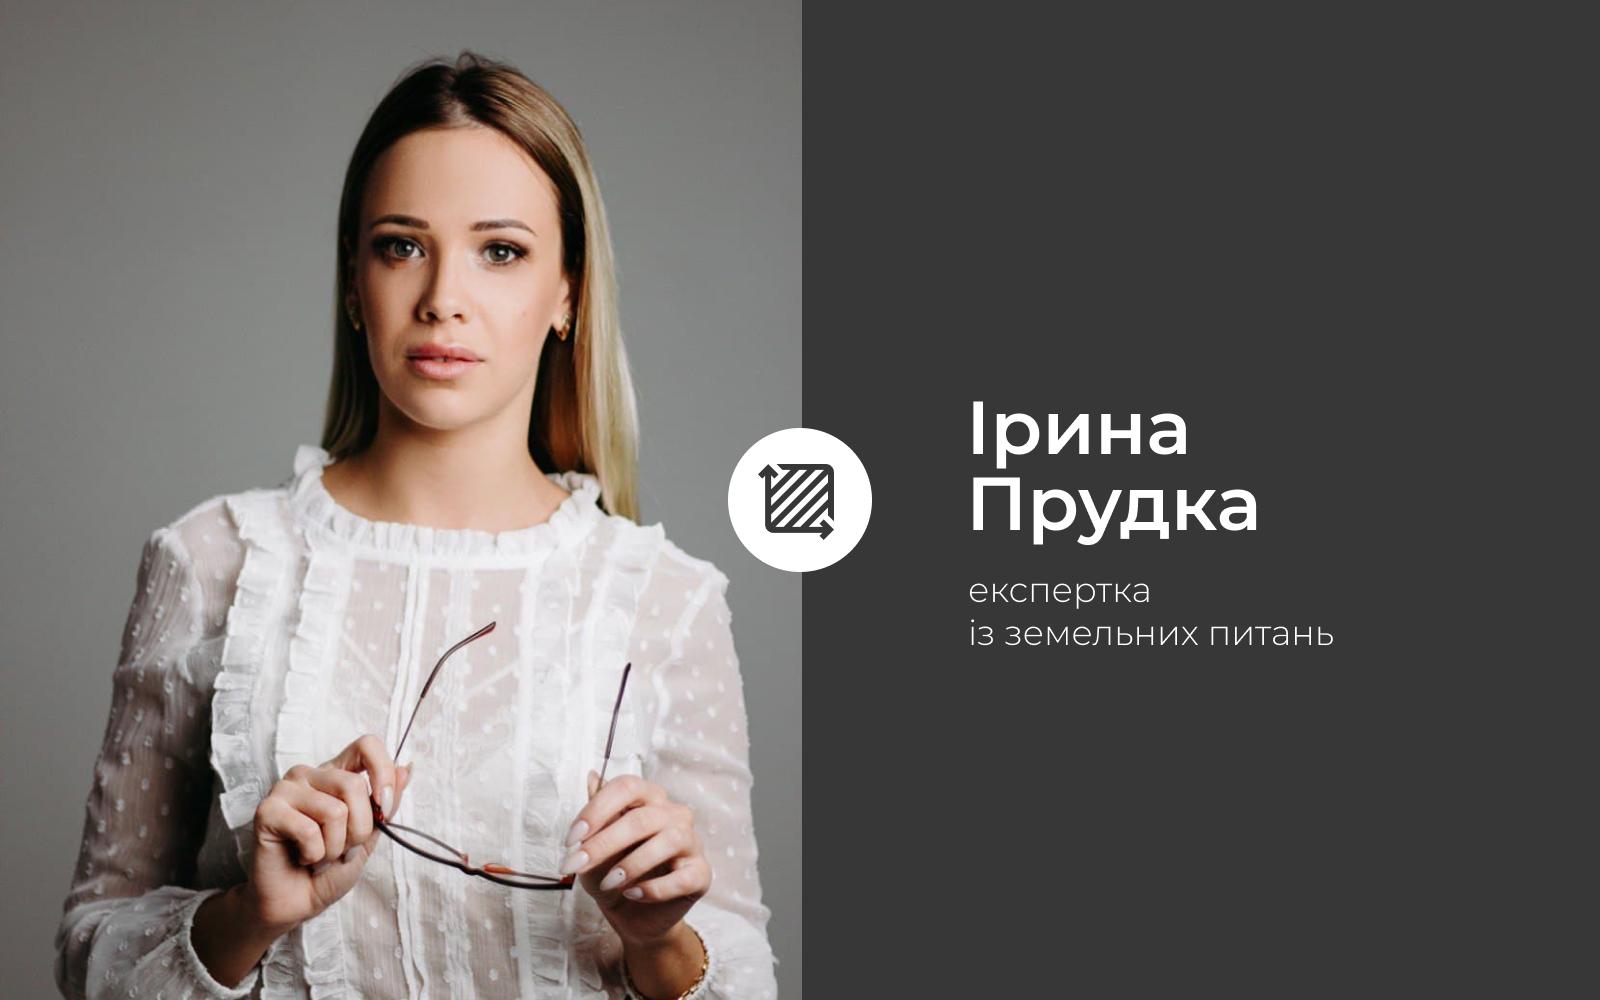 Prudka_2